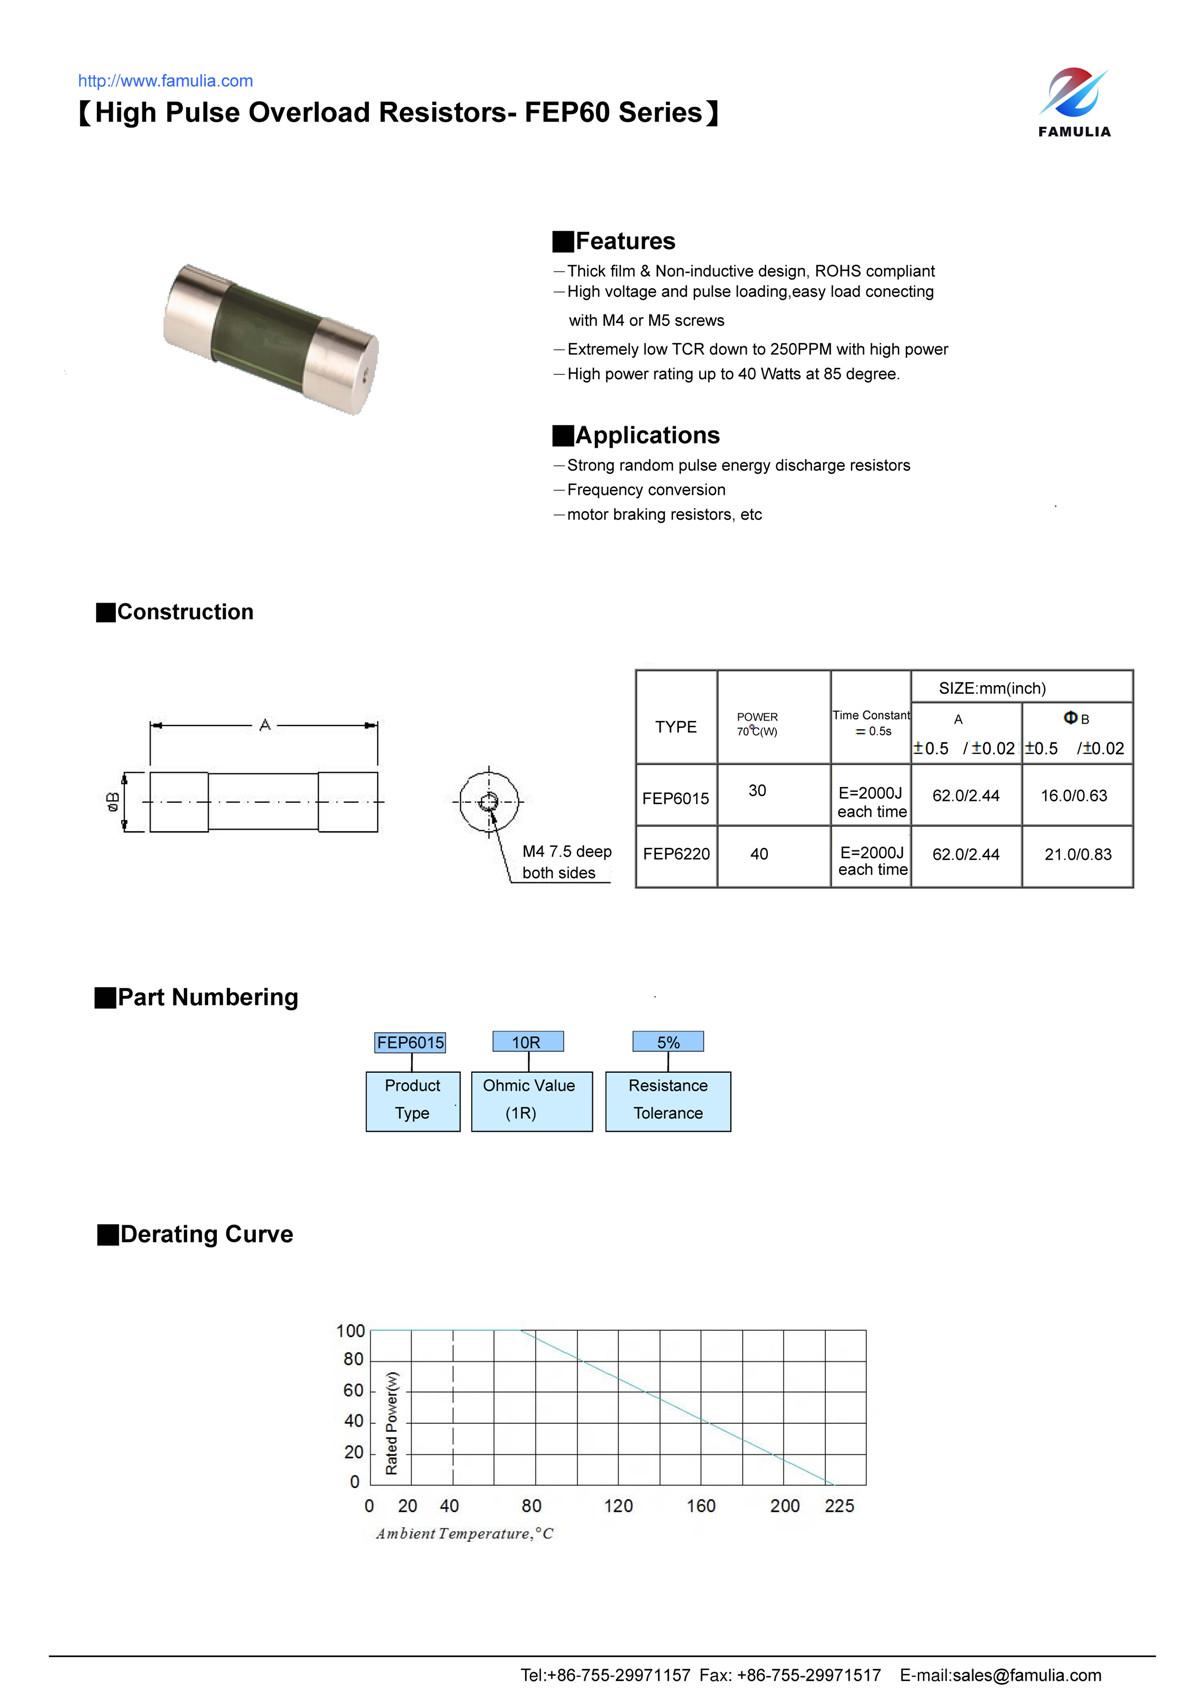 FEP60系列高脉负载电阻_页面_1.jpg